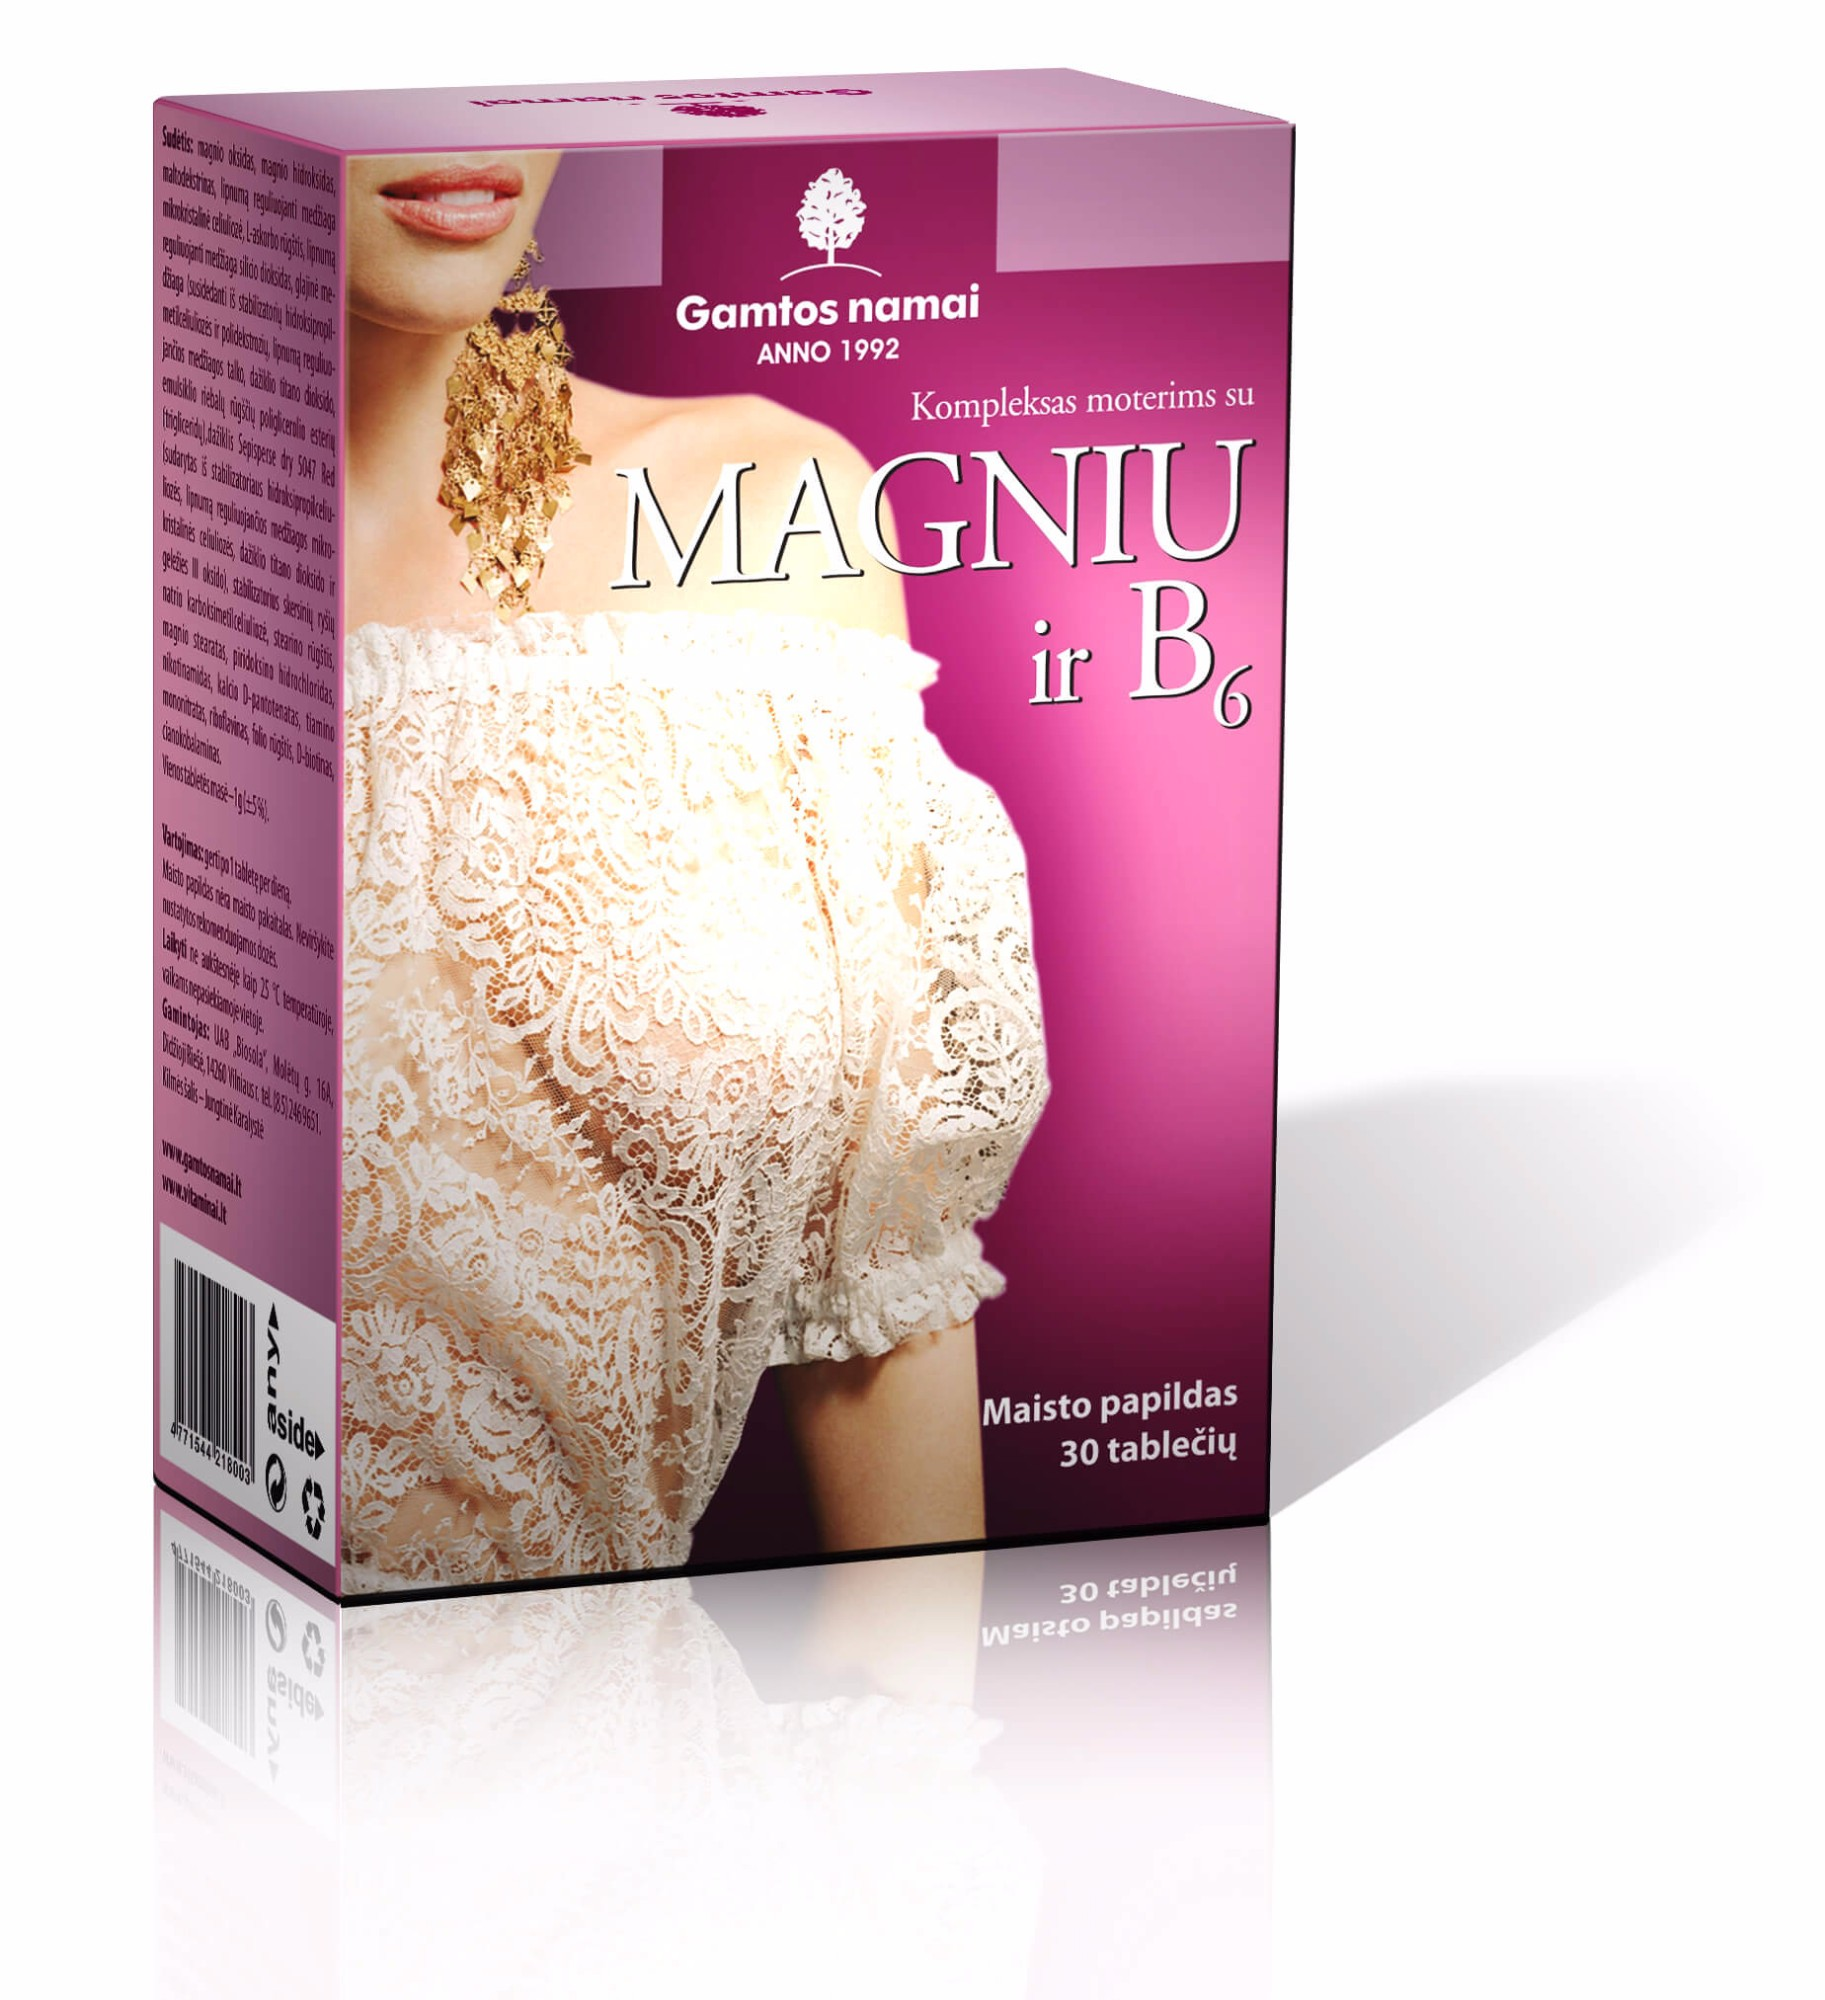 Vitaminų ir papildų Kompleksas Moterims  su  magniu